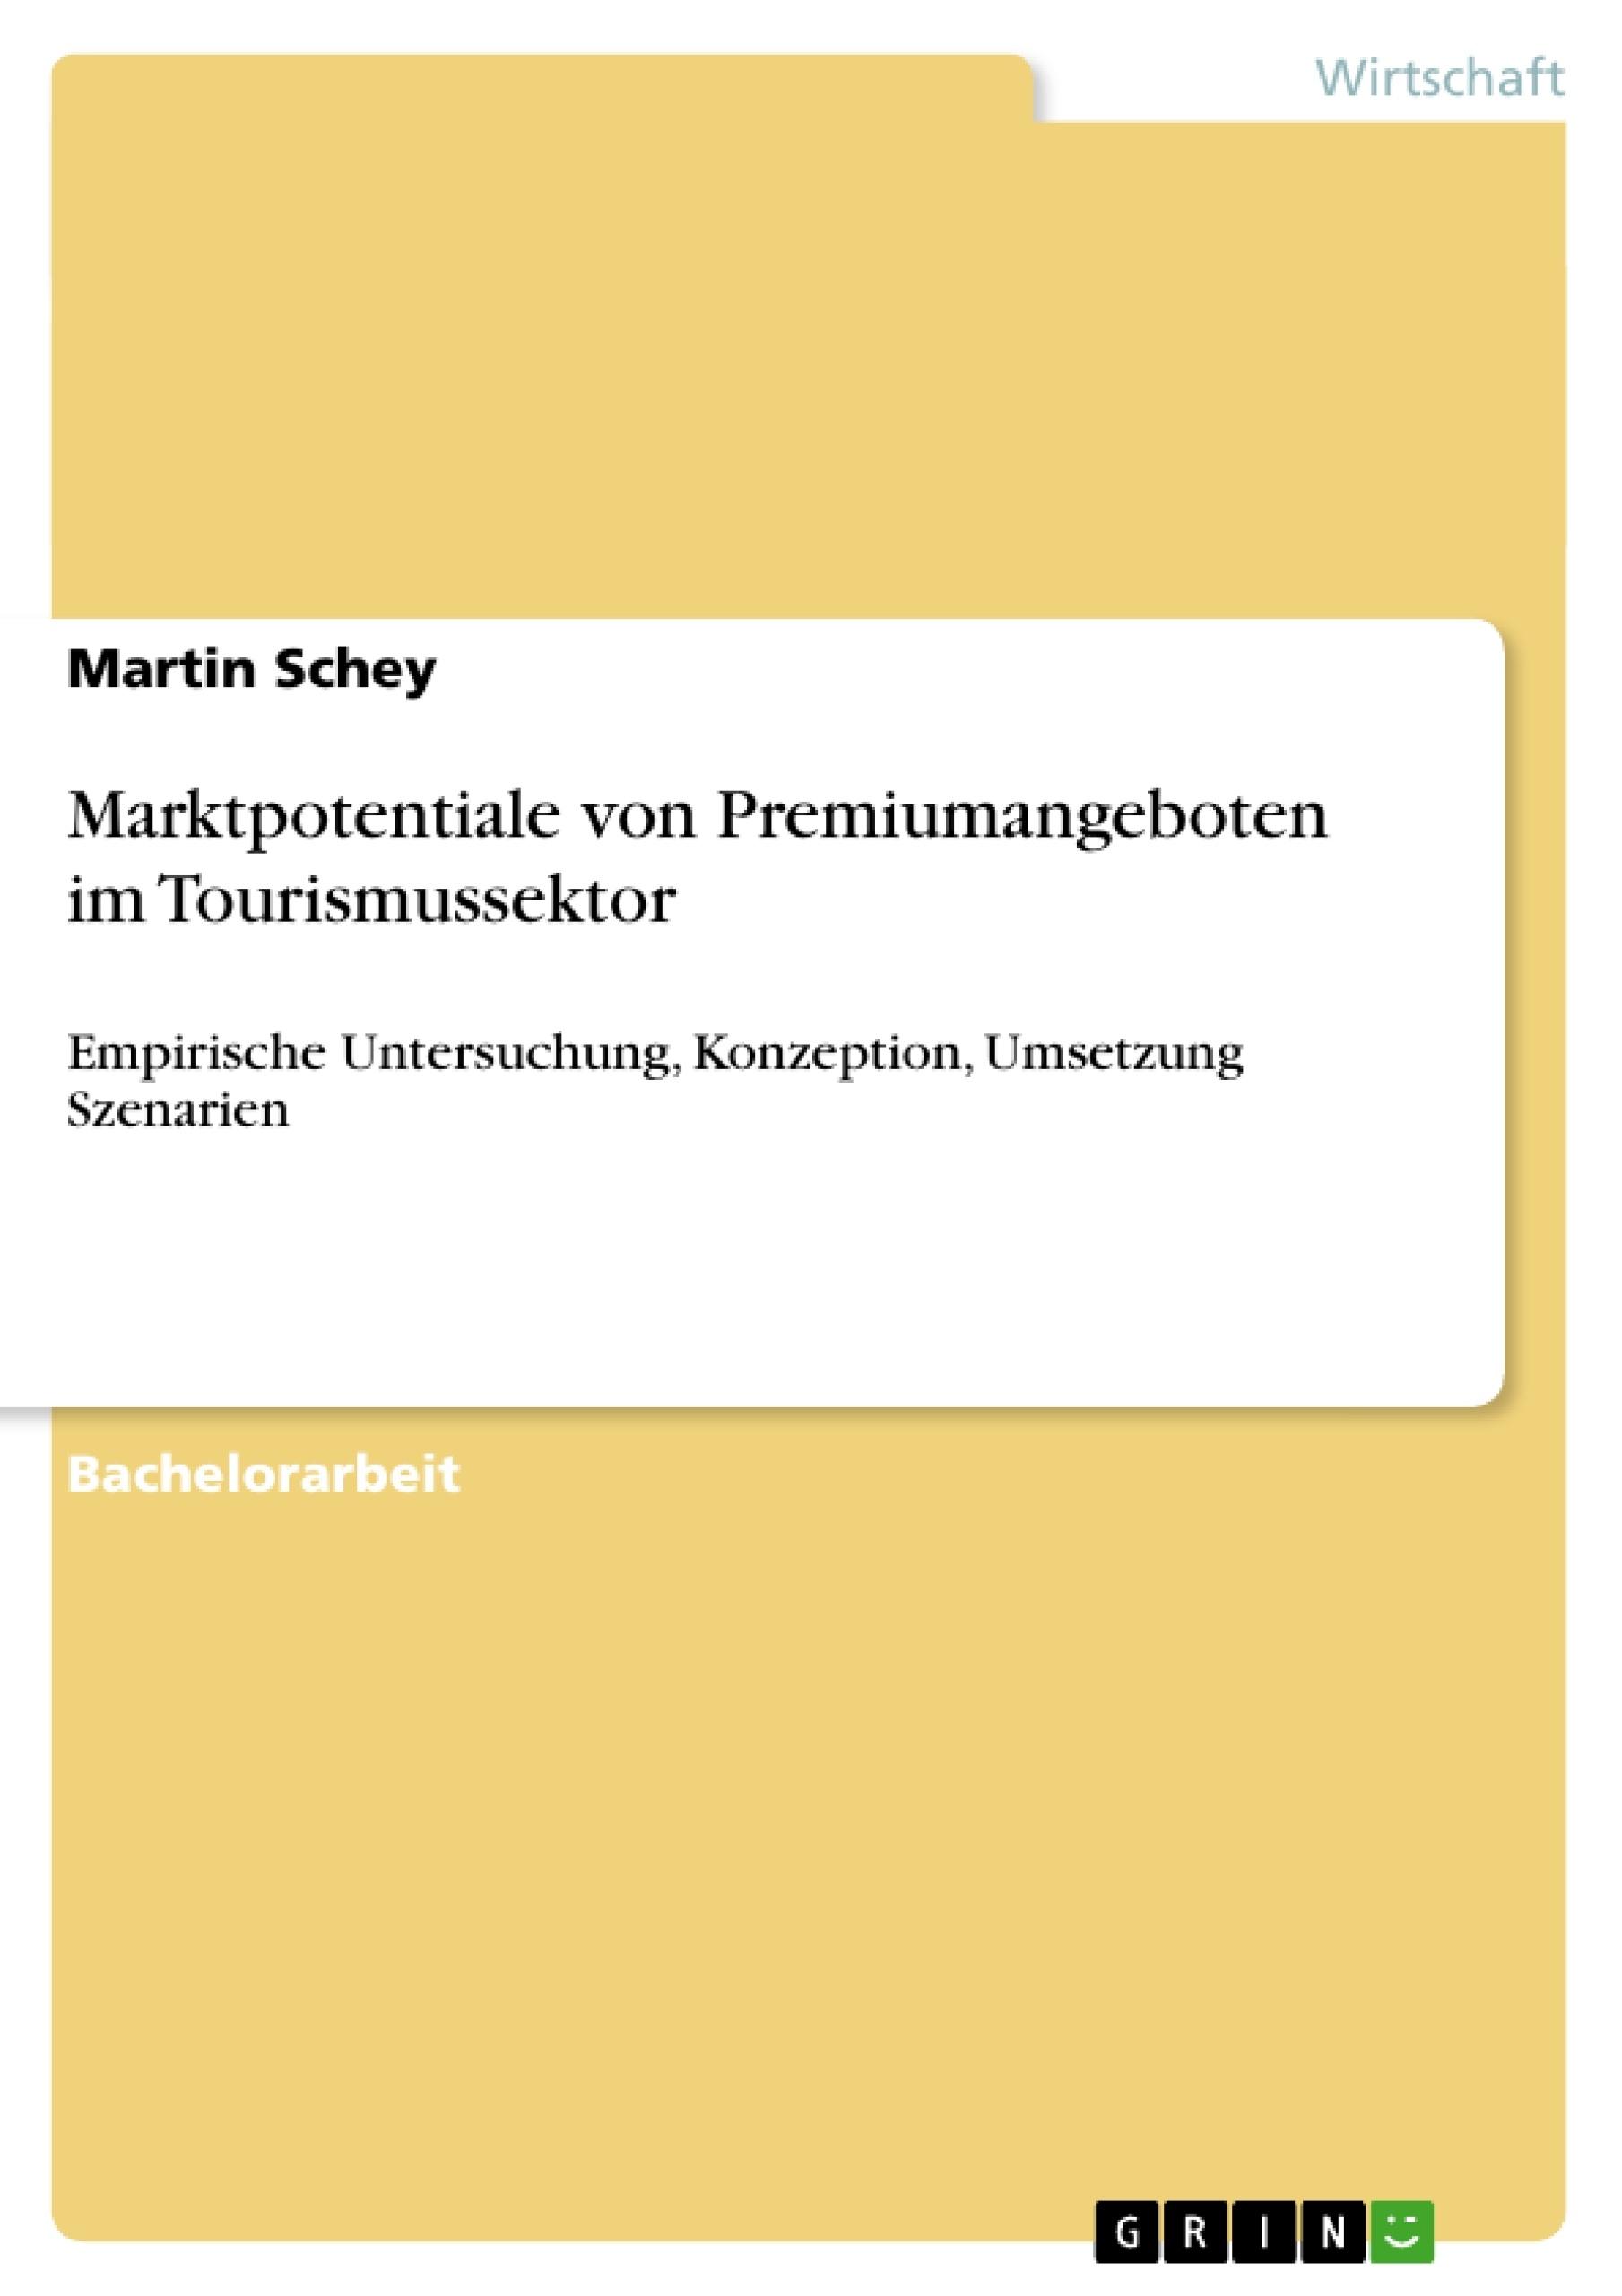 Titel: Marktpotentiale von Premiumangeboten im Tourismussektor